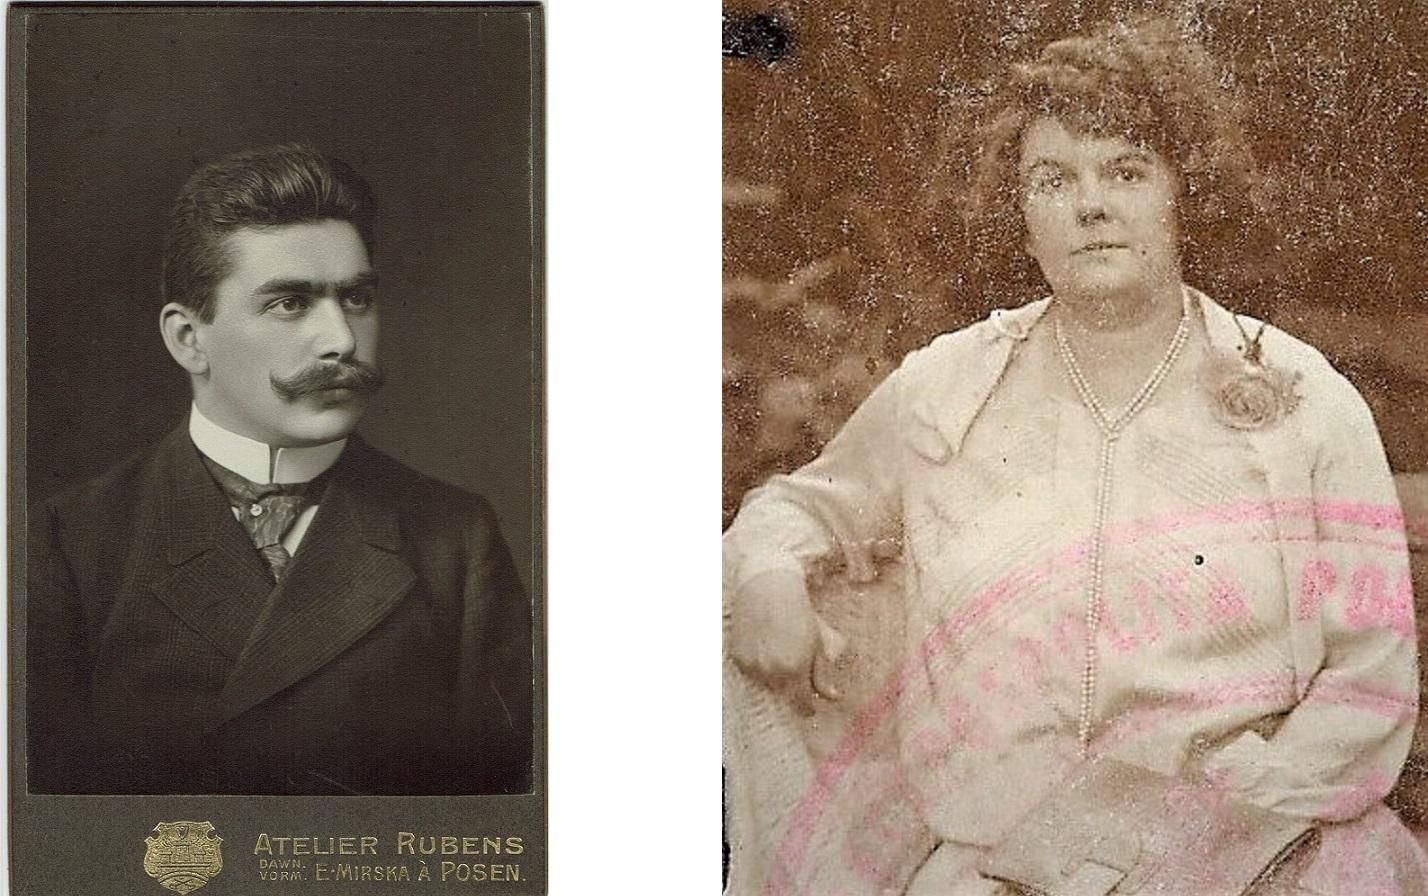 Kazimierz Drygas (prywatne archiwum rodzinne Tomasza Ciesielczyka) i Marta Drygas (prywatne archiwum rodzinne Macieja Drygasa)